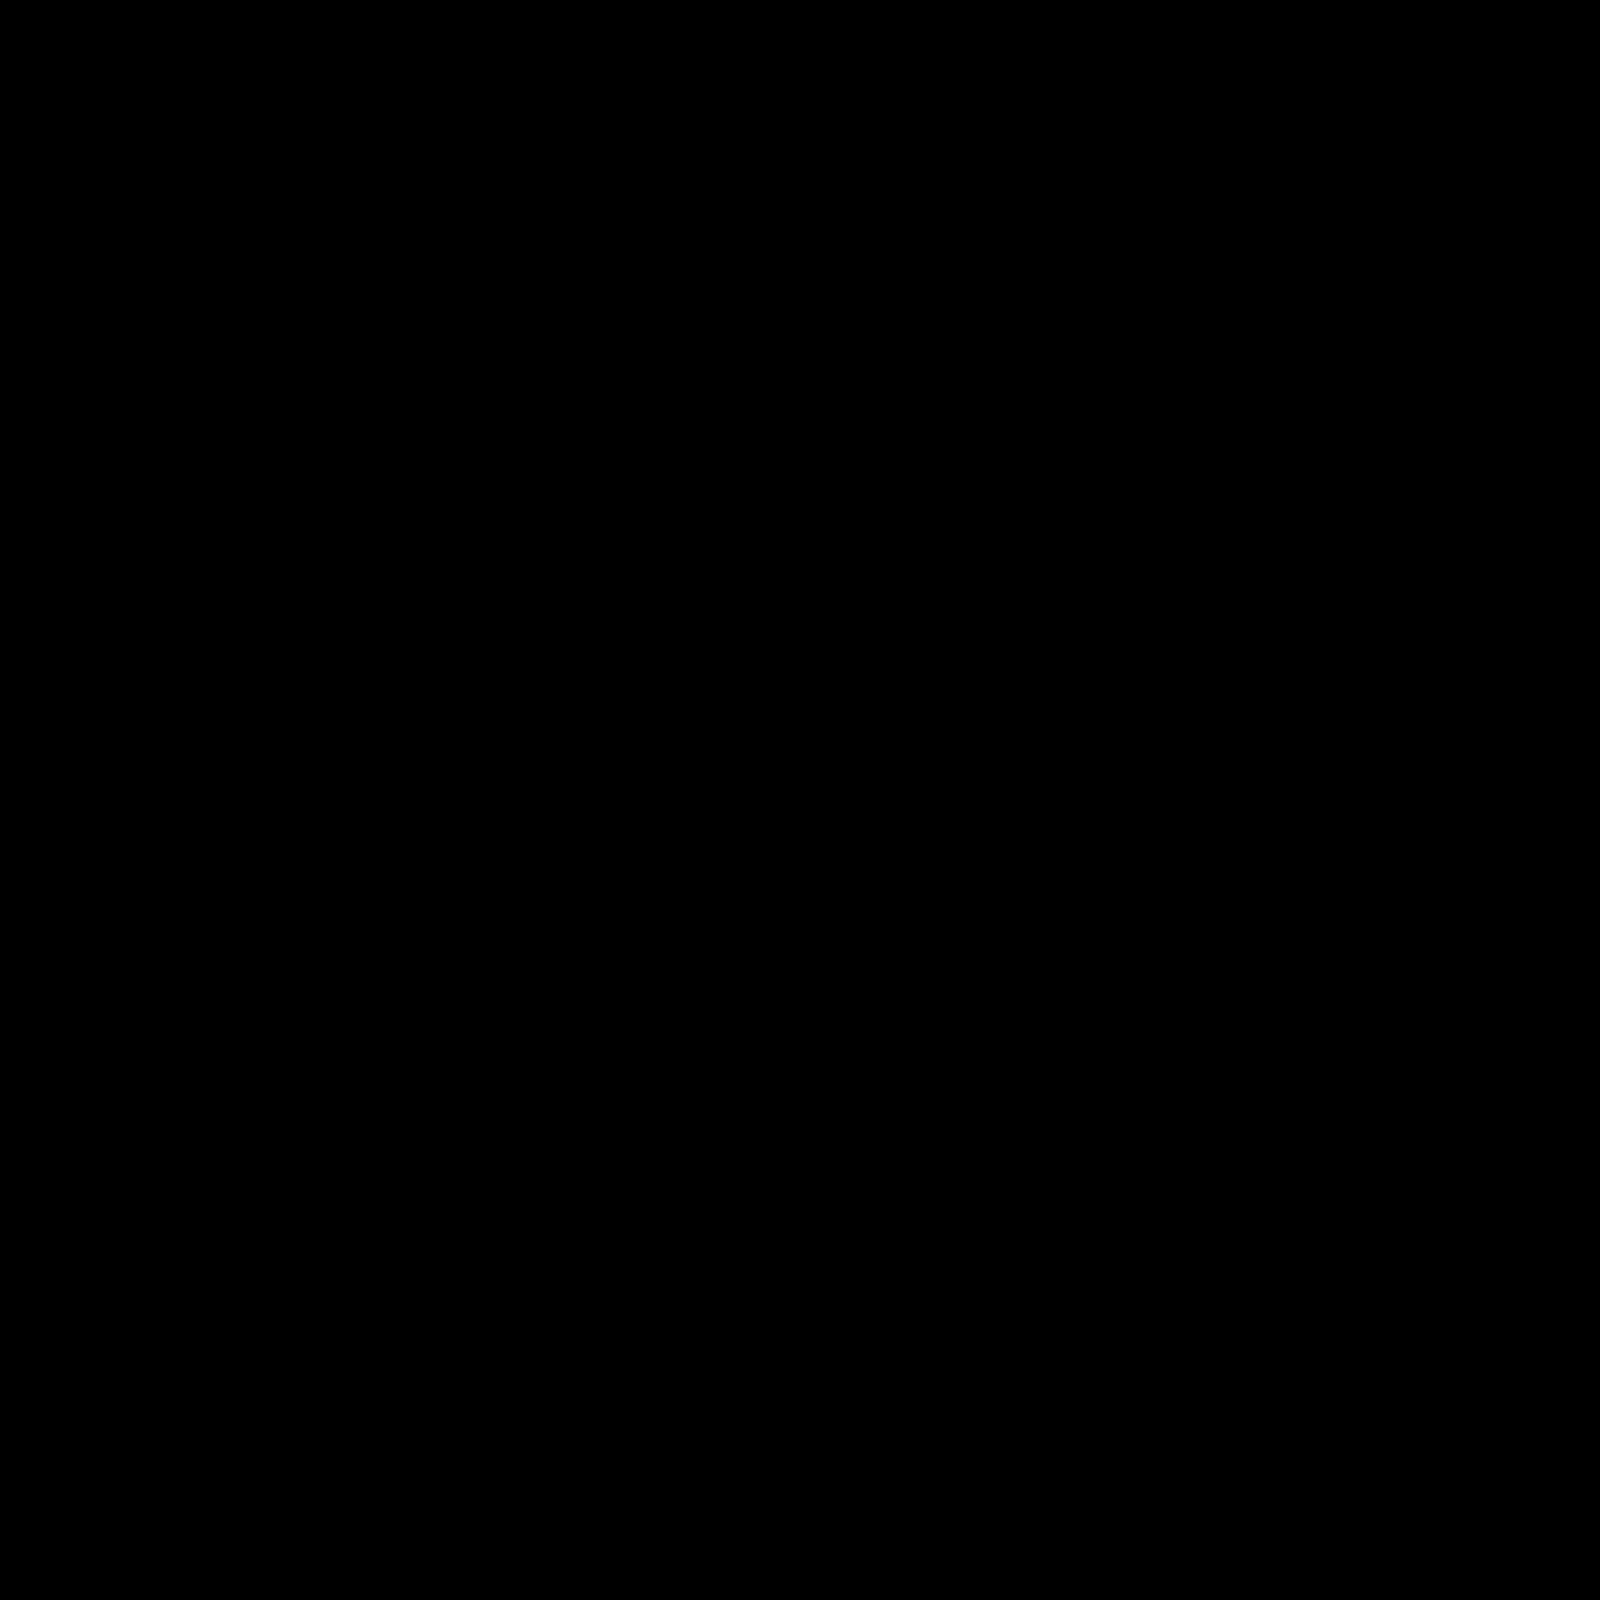 Kirche icon